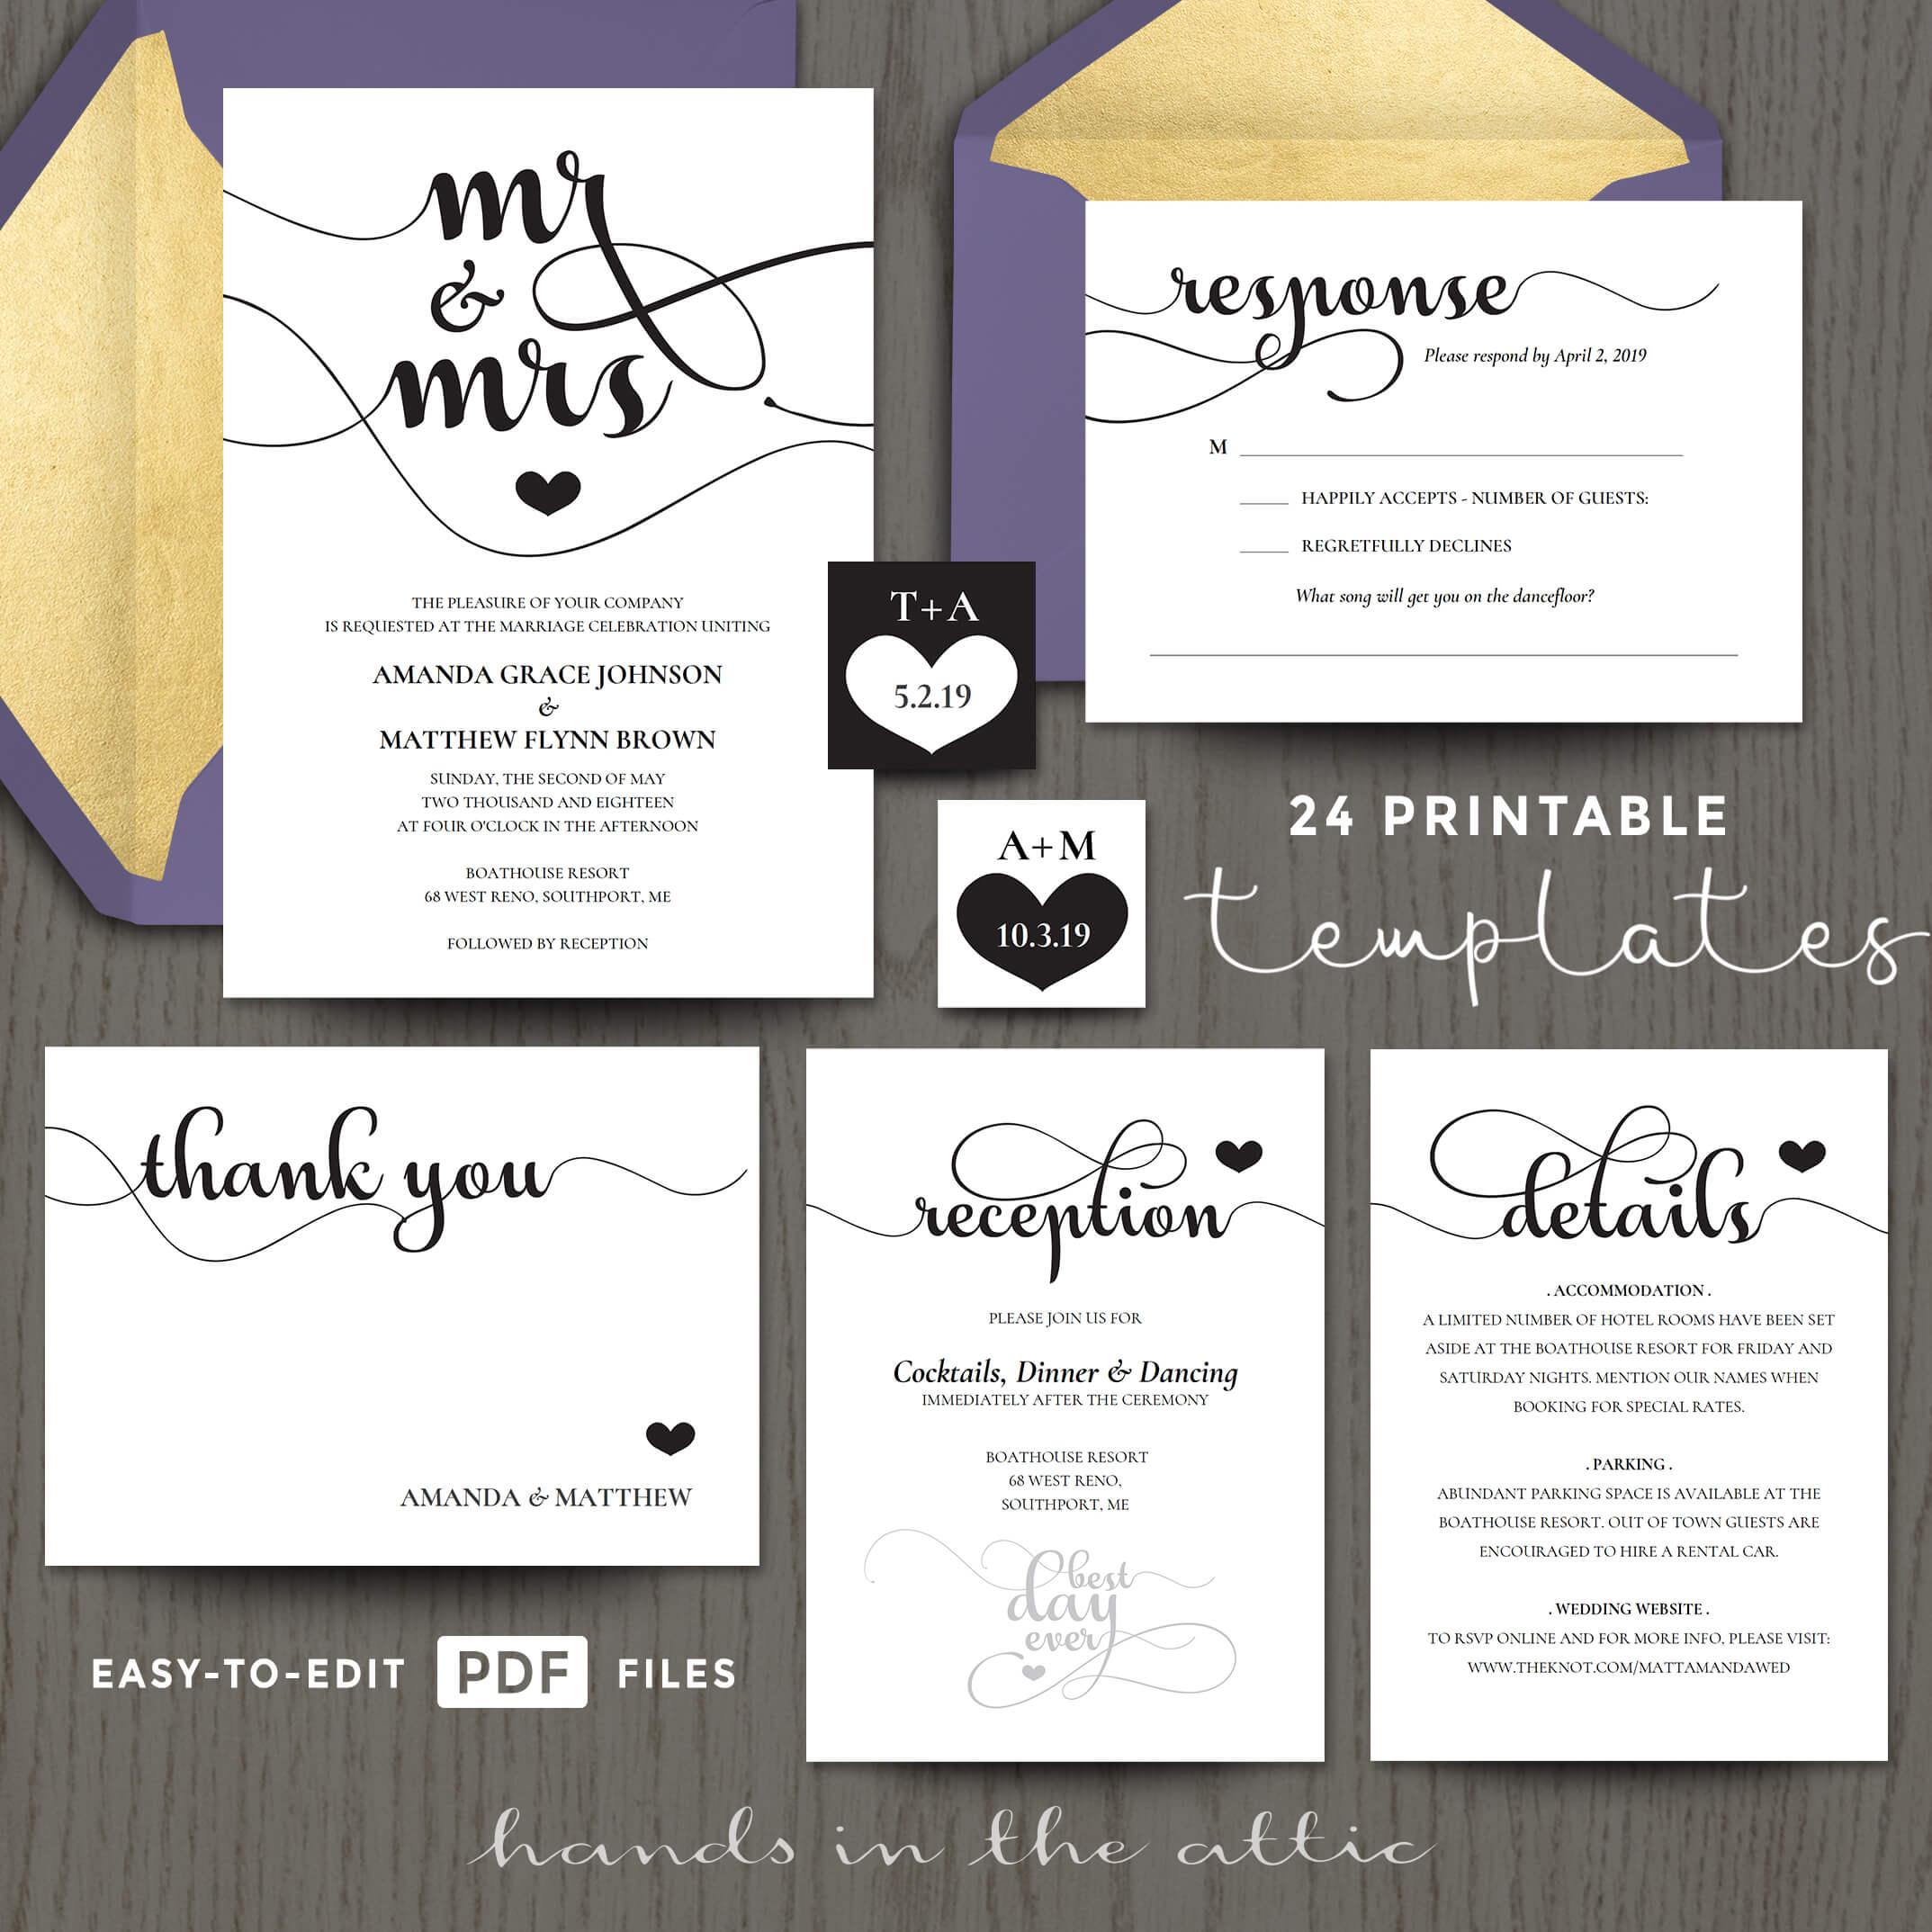 Mr Mrs Wedding Invitation Templates Printable Stationery - Wedding invitation templates: hotel accommodations template for wedding invitations